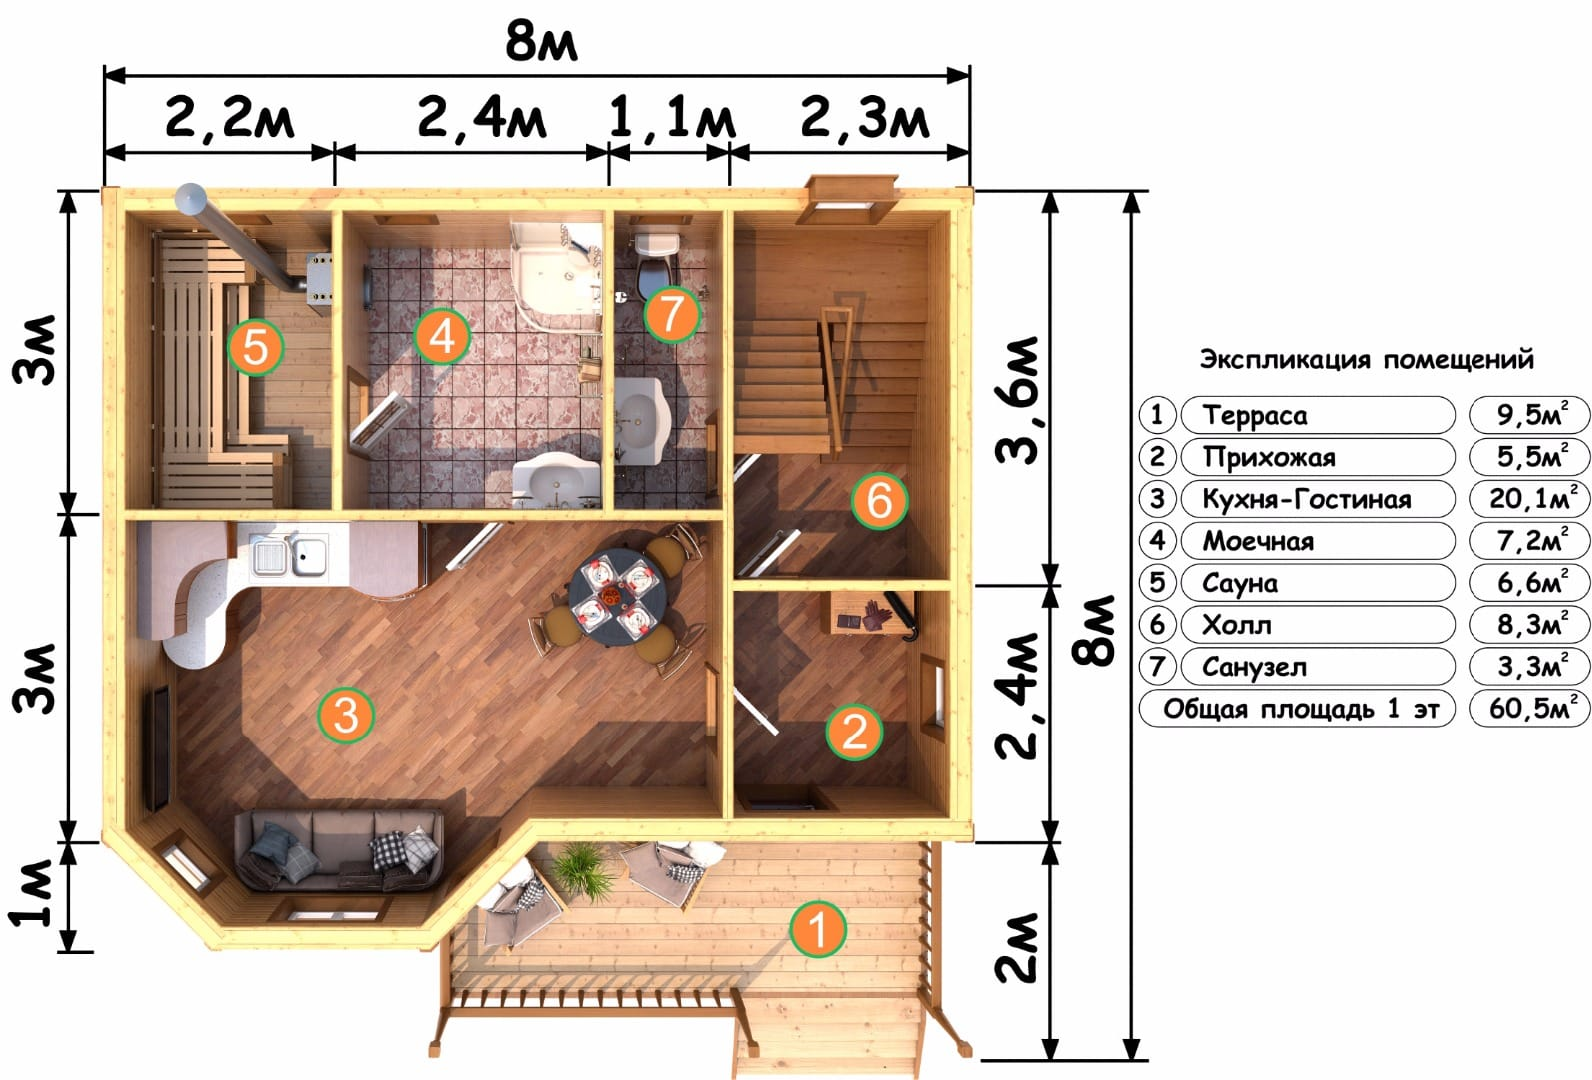 Дом баня 6 на 6 двухэтажный планировка